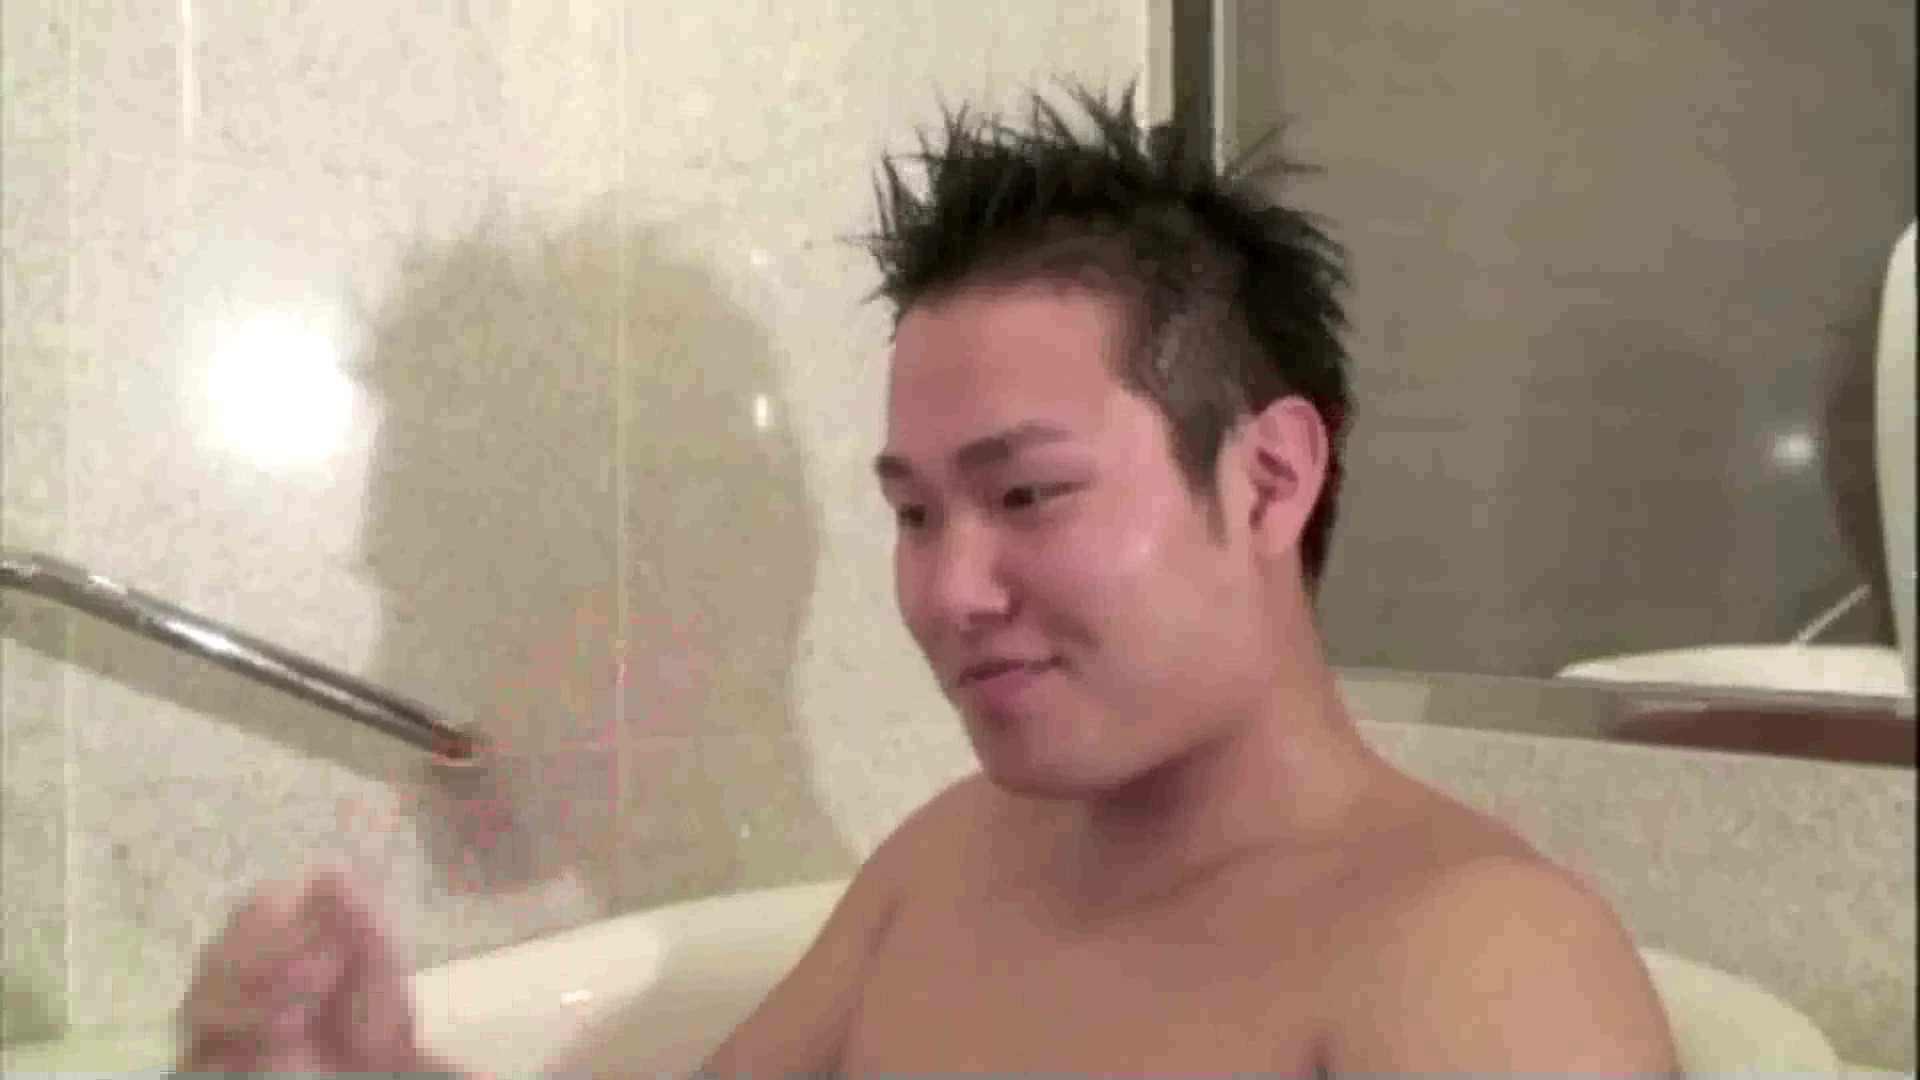 イカせ屋 Vol.08 イケメンパラダイス   手コキ ケツマンスケベ画像 68pic 1